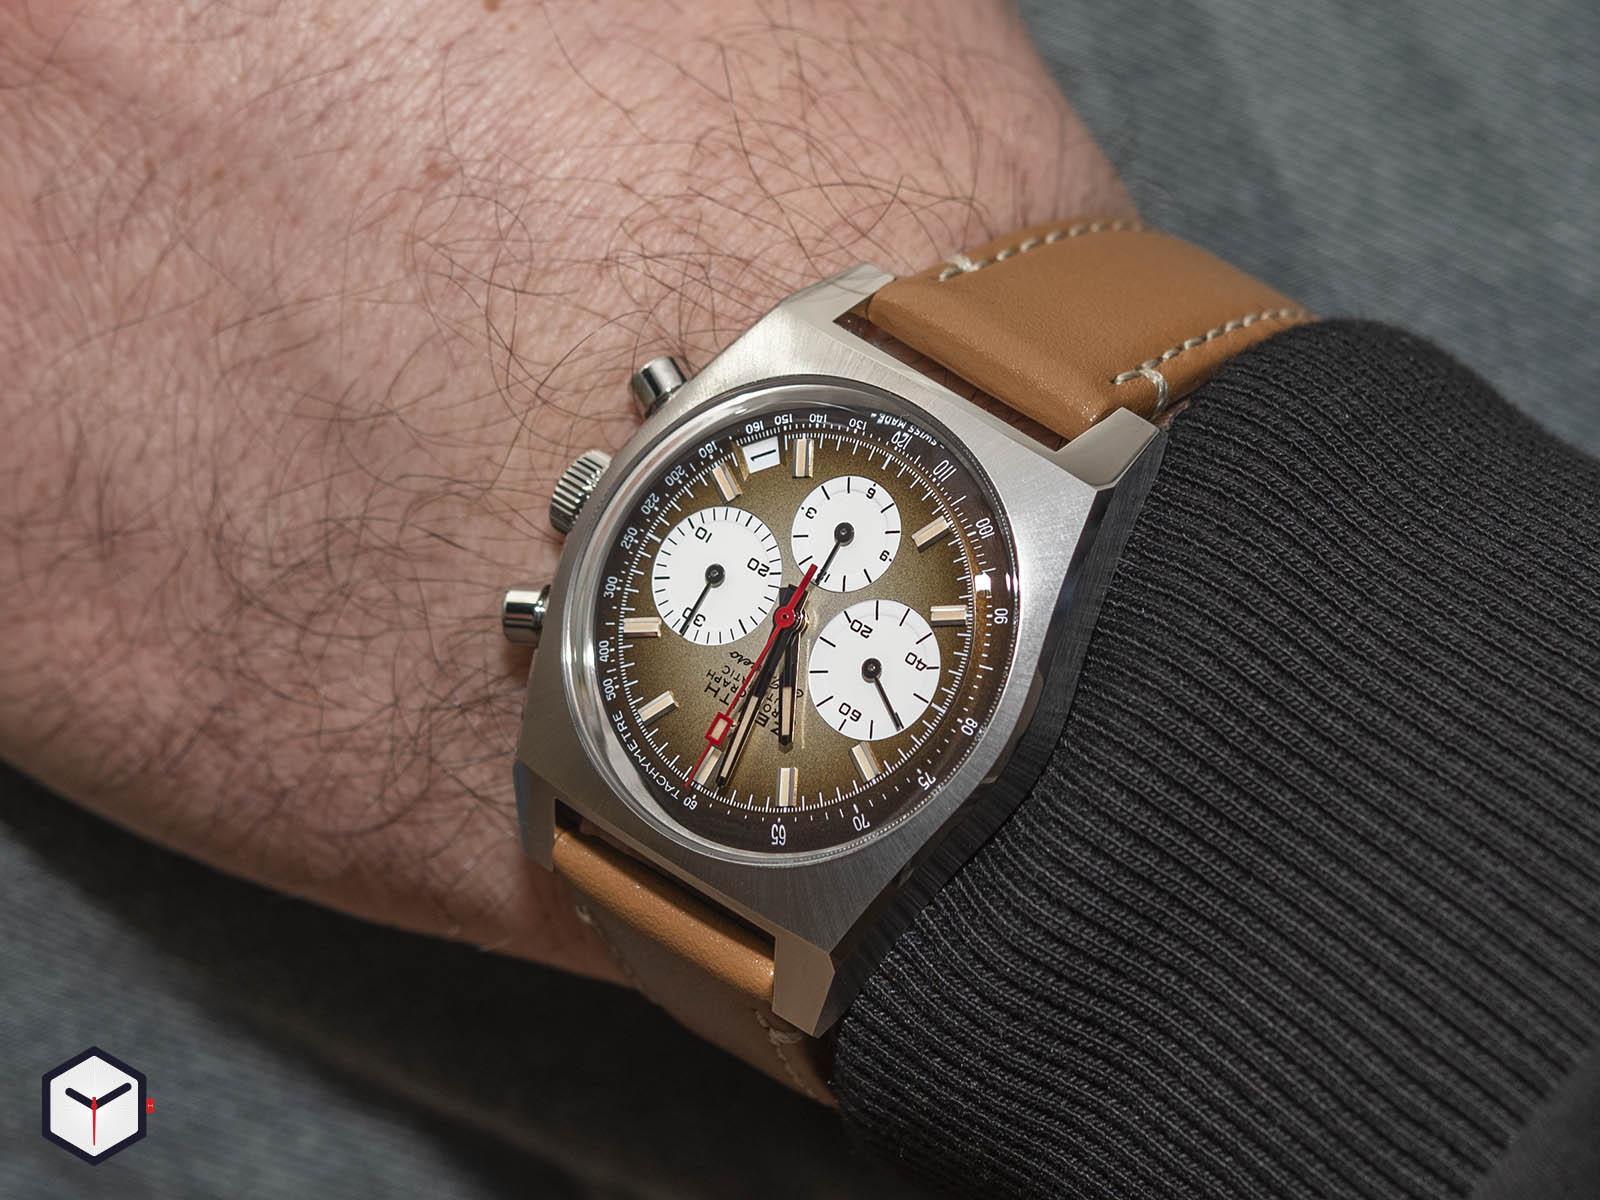 03-a384-400-385-c855-zenith-chronomaster-revival-a385-8-1.jpg